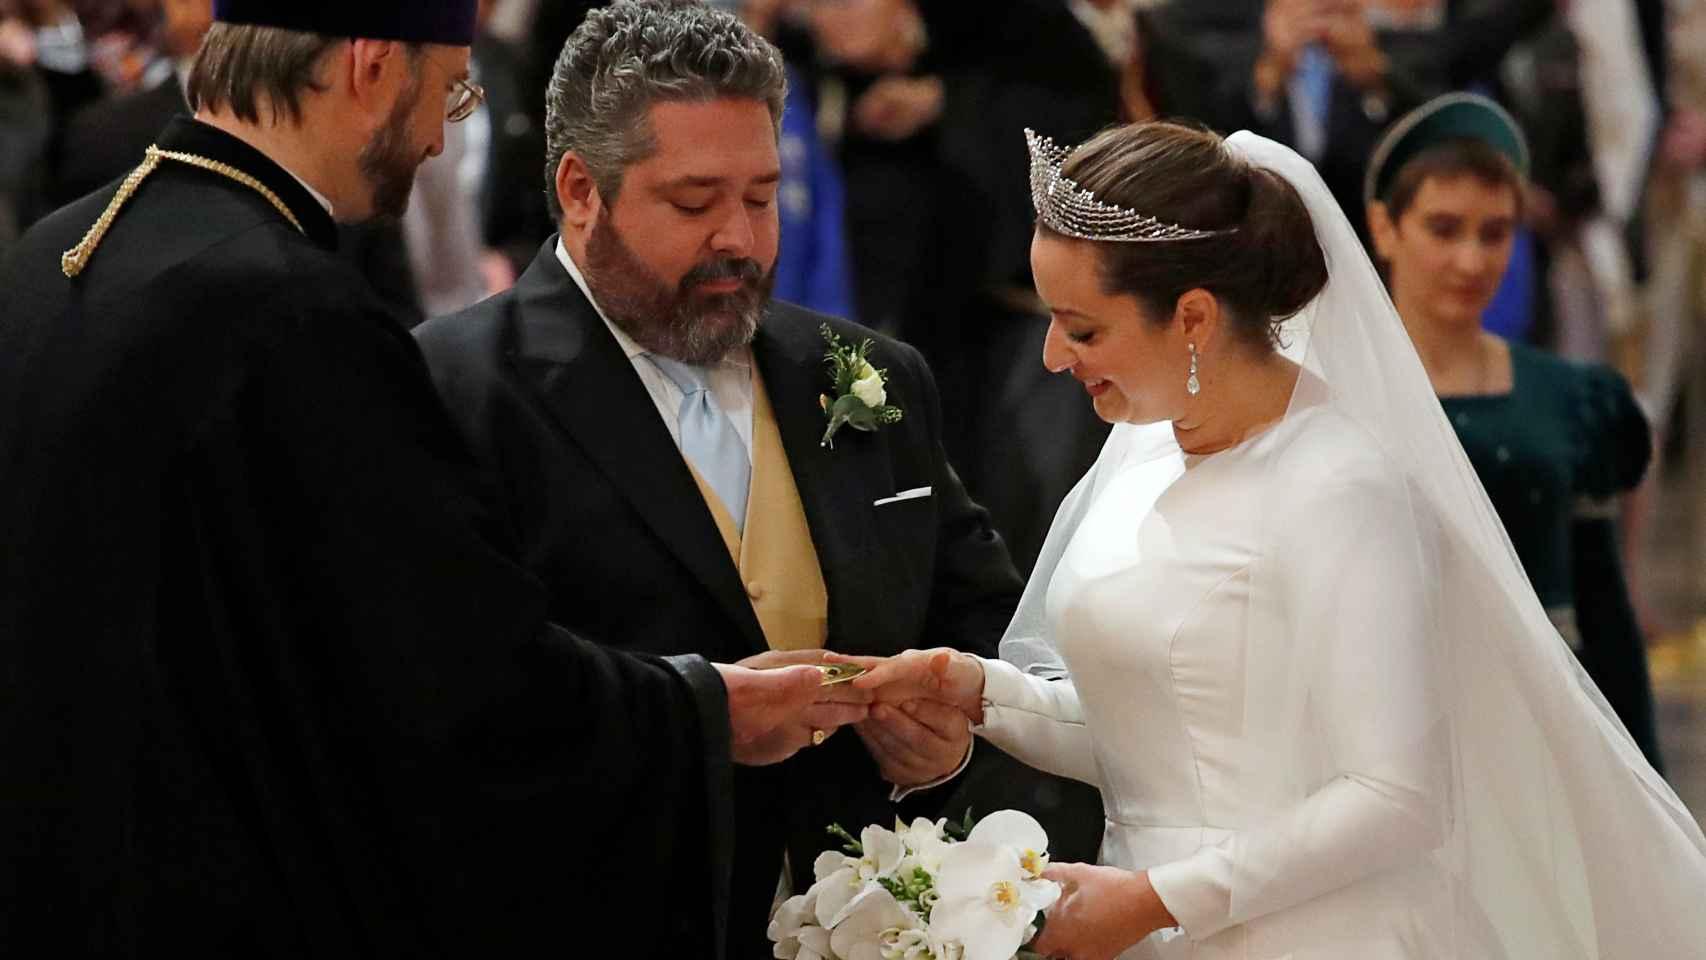 Así ha sido la majestuosa boda de Jorge Romanov y Rebecca Bettarini, la primera de un Gran Duque tras la revolución